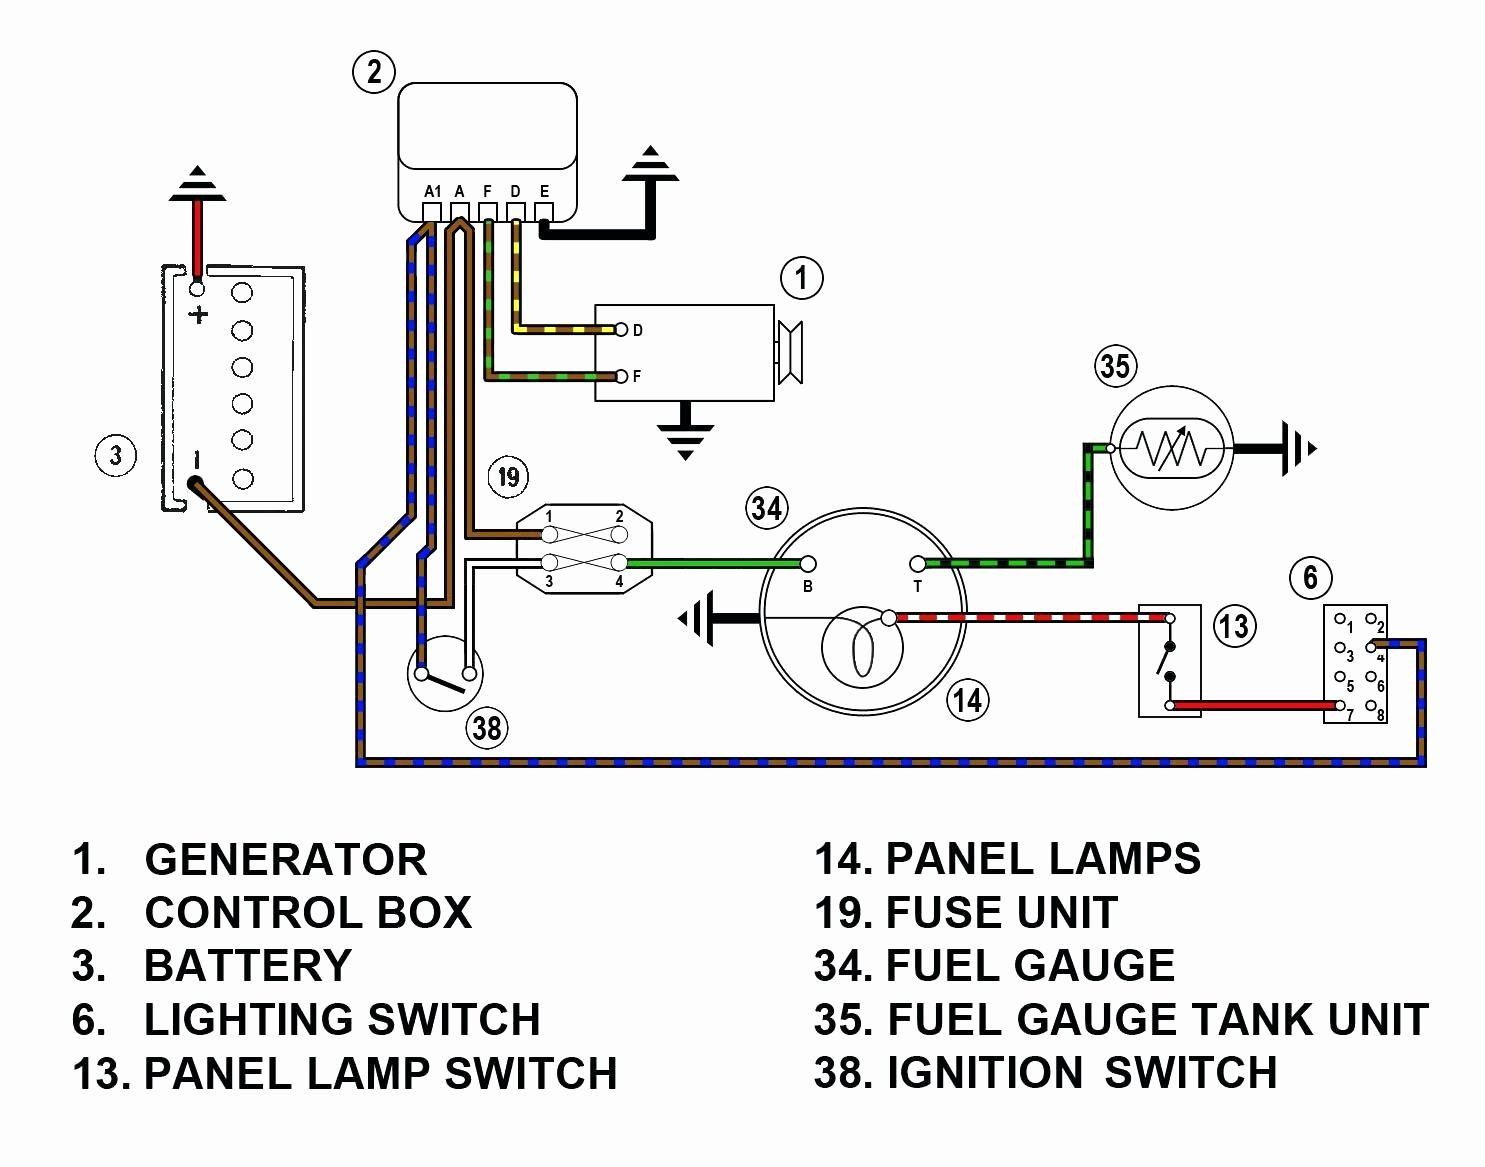 Sun Super Tach Ii Wiring Diagram | Wiring Diagram - Sun Super Tach 2 Wiring Diagram